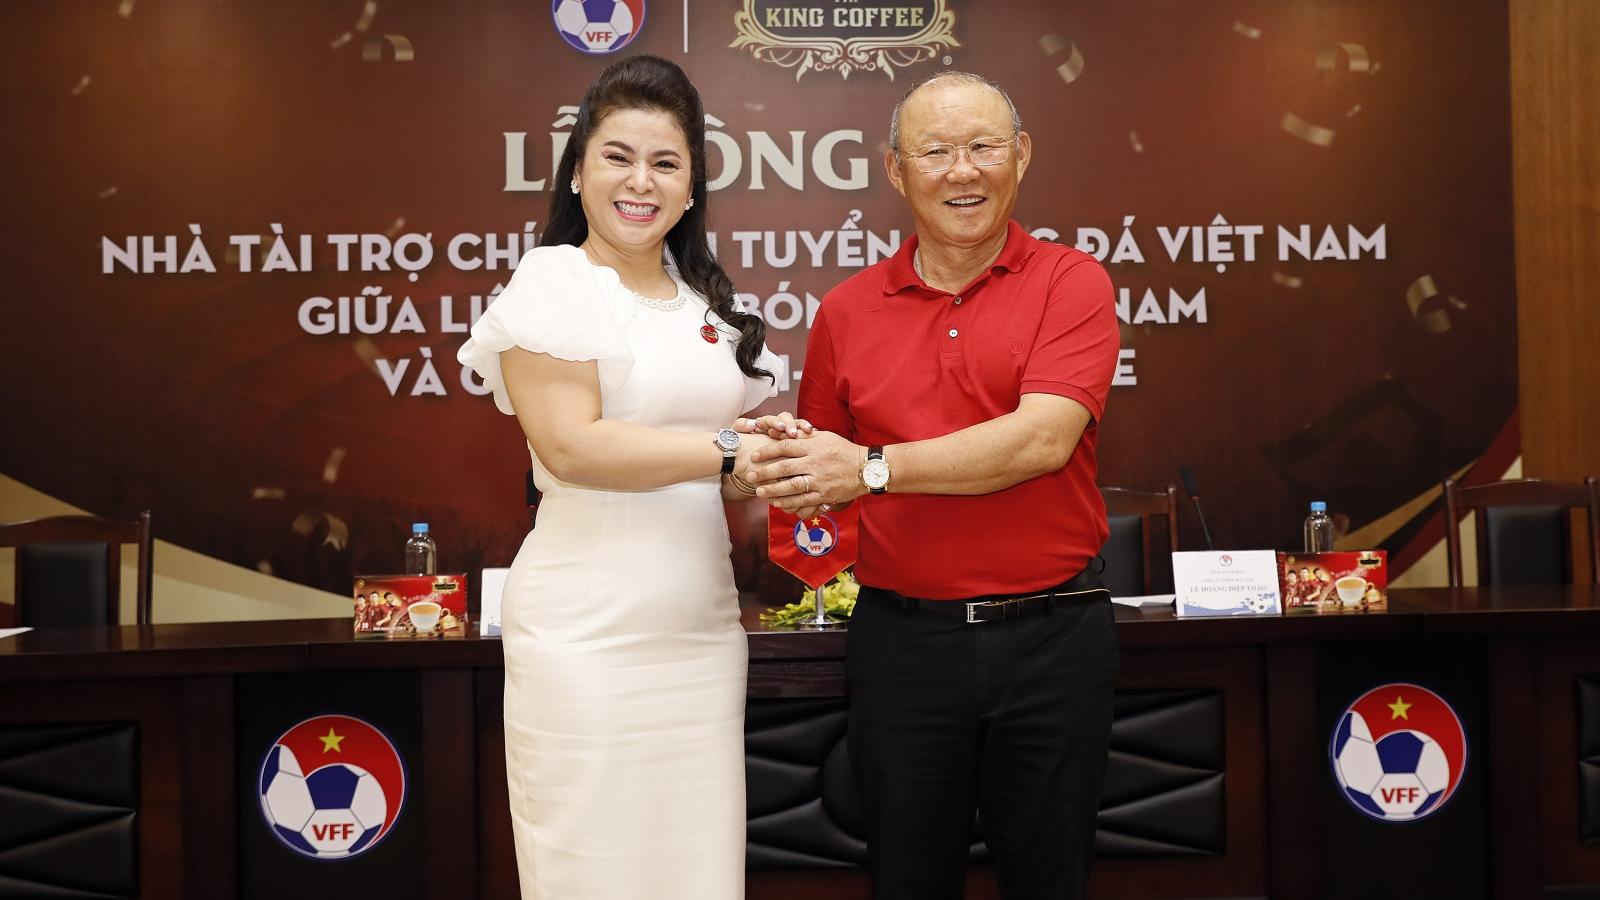 Bà Lê Hoàng Diệp Thảo: Cơ duyên giúp cafe Vua gặp gỡ môn thể thao Vua